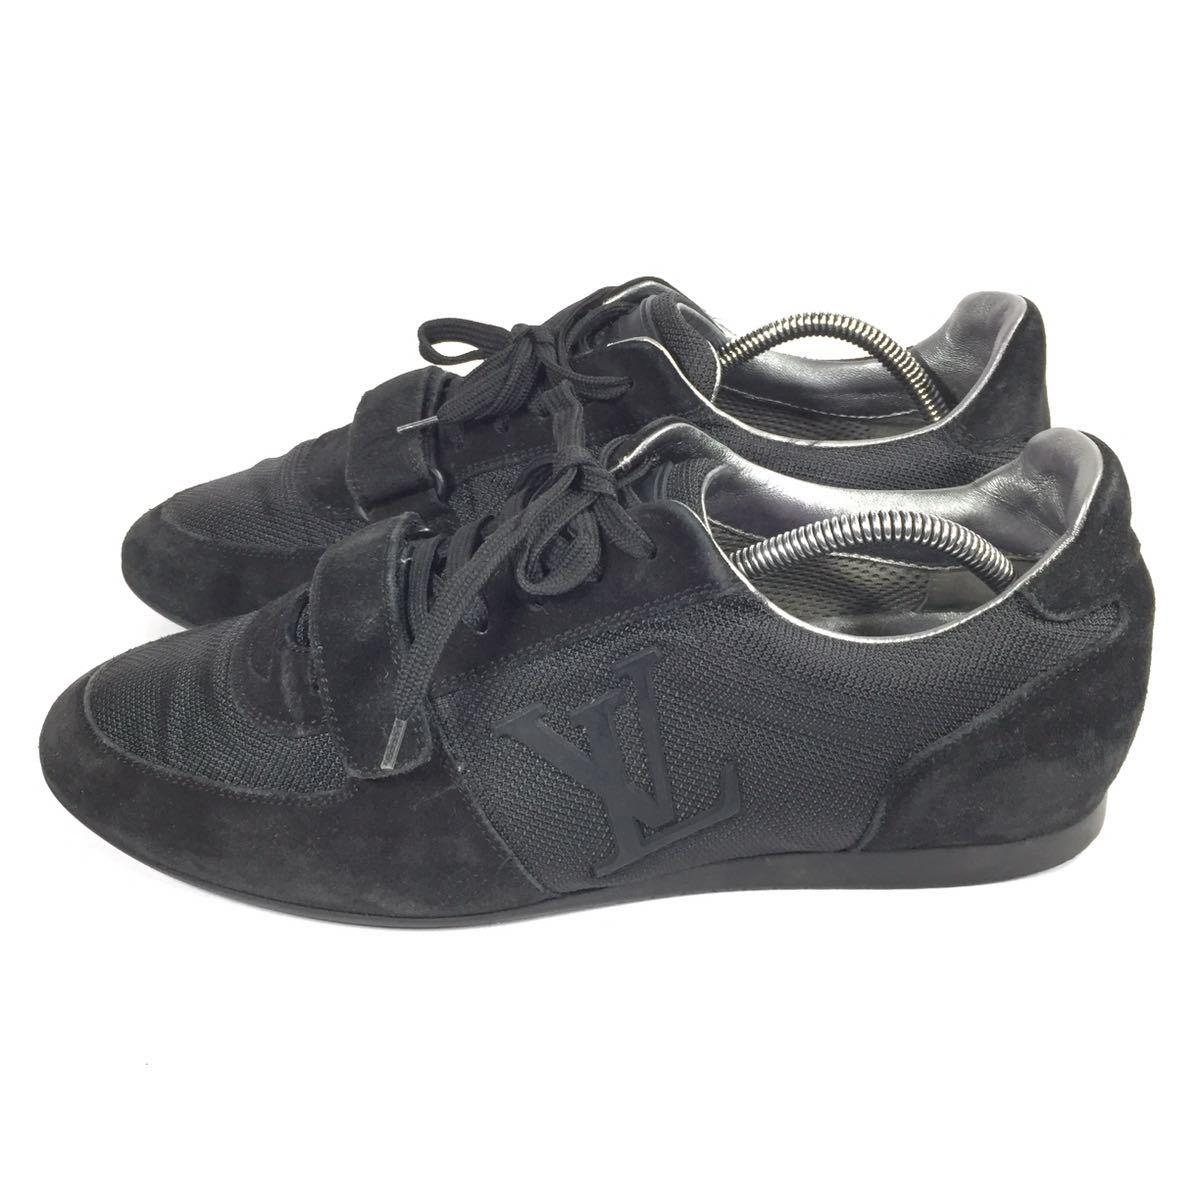 【ルイヴィトン】本物 LOUIS VUITTON 靴 26cm 黒色系 LVロゴ スニーカー カジュアルシューズ スエード 男性用 メンズ イタリア製 7_画像6